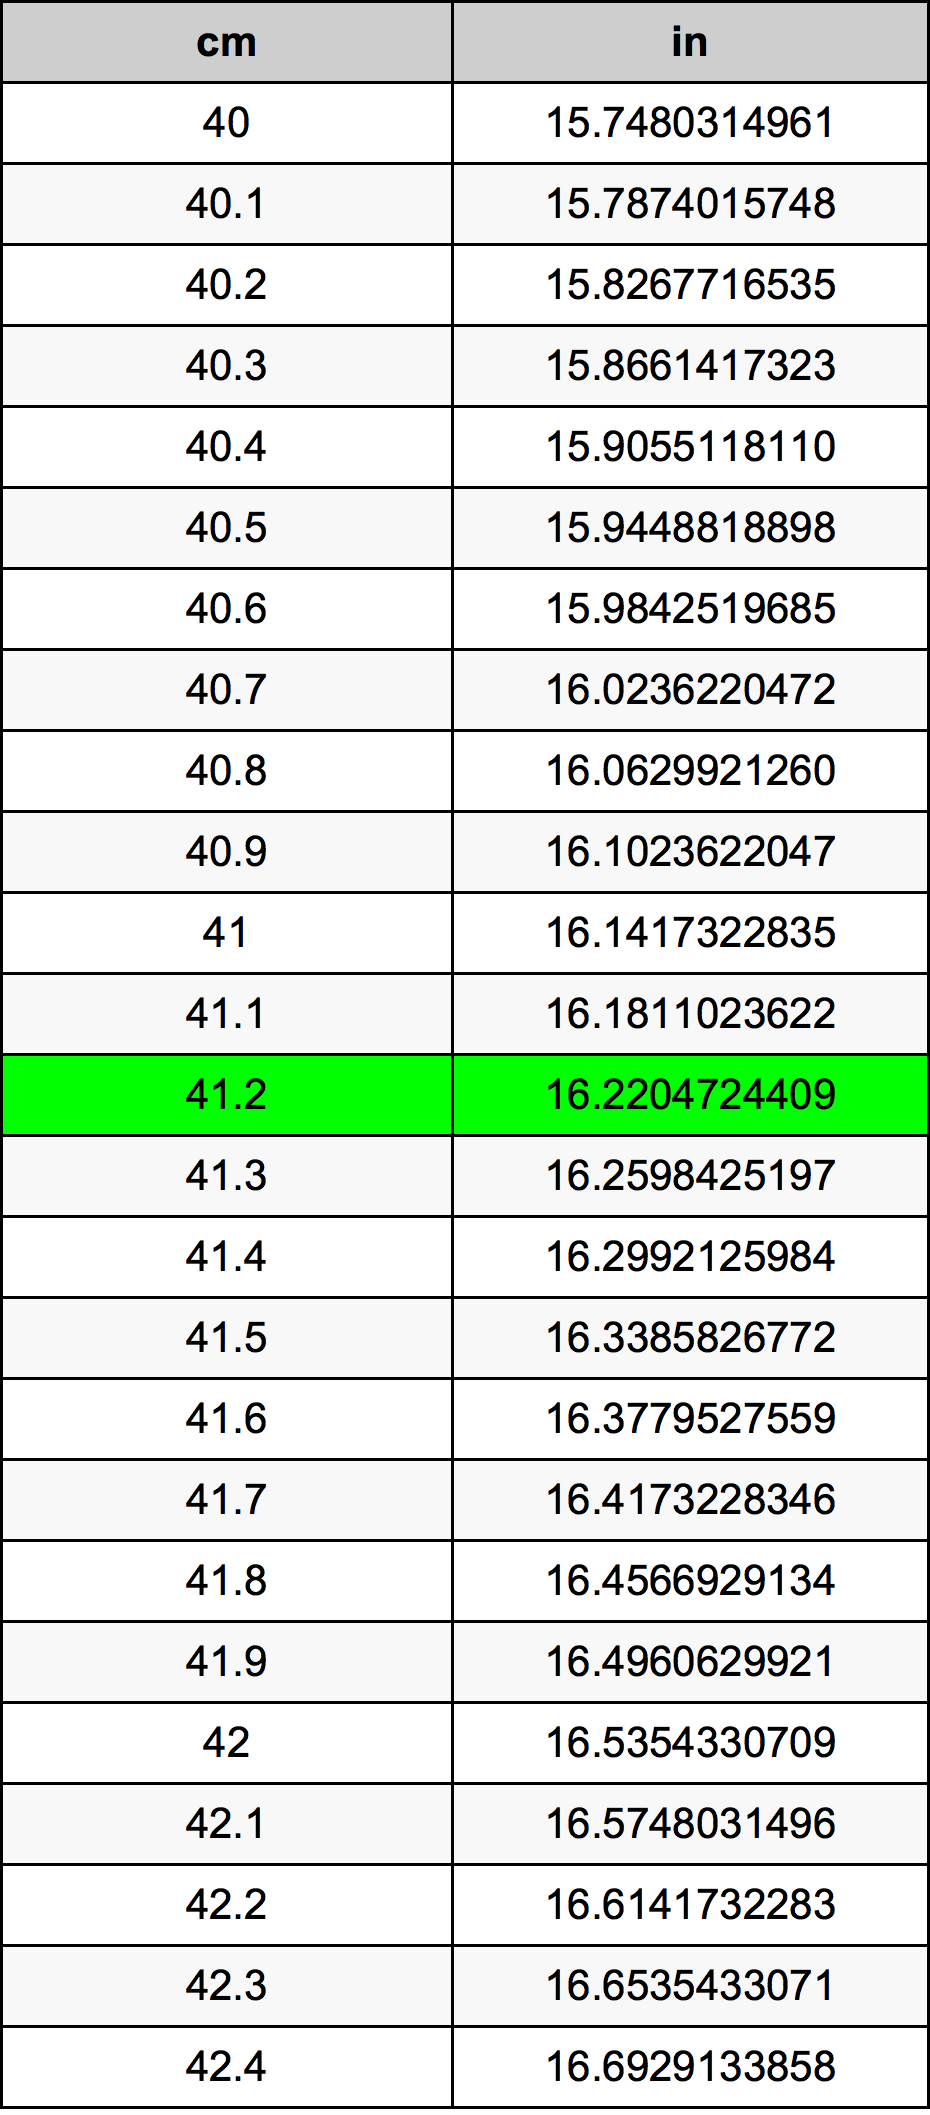 41.2 सेंटीमीटर रूपांतरण सारणी